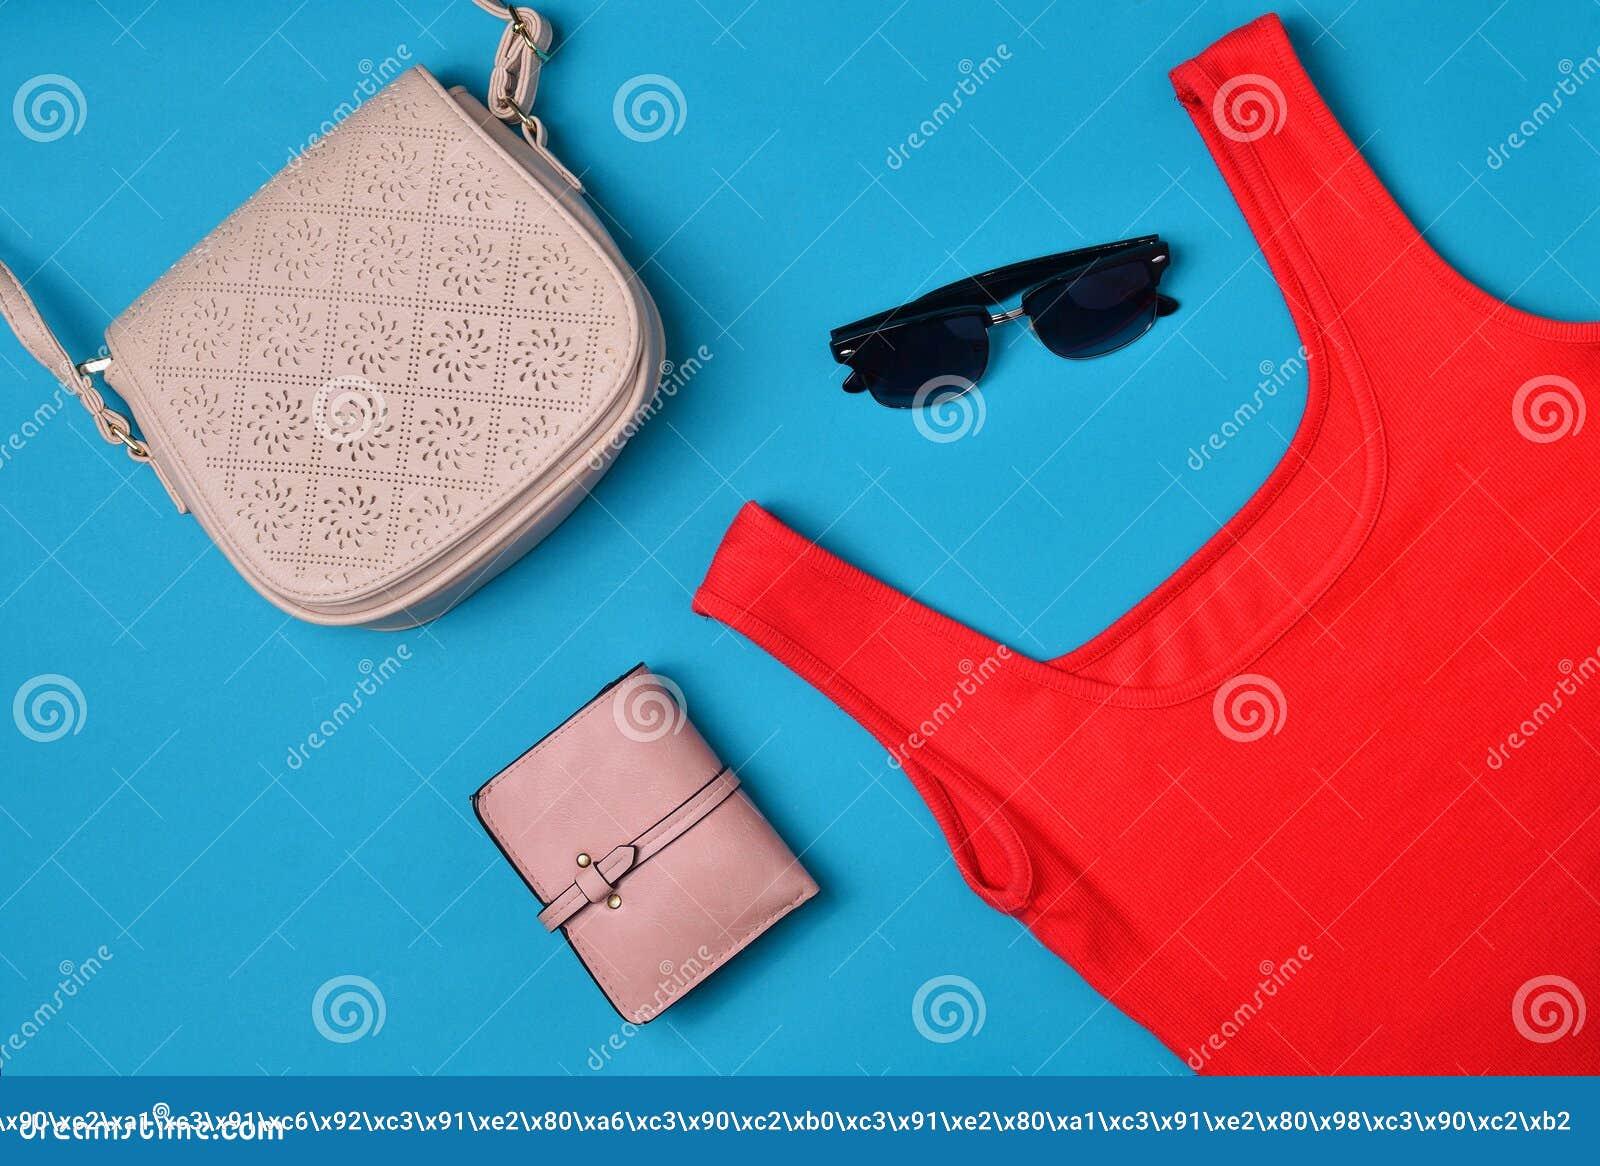 """Women& x27; s kleding en toebehoren die op een blauwe achtergrond wordt opgemaakt Rode T-shirt, beurs, zak, sunglassesï"""" Hoogste"""